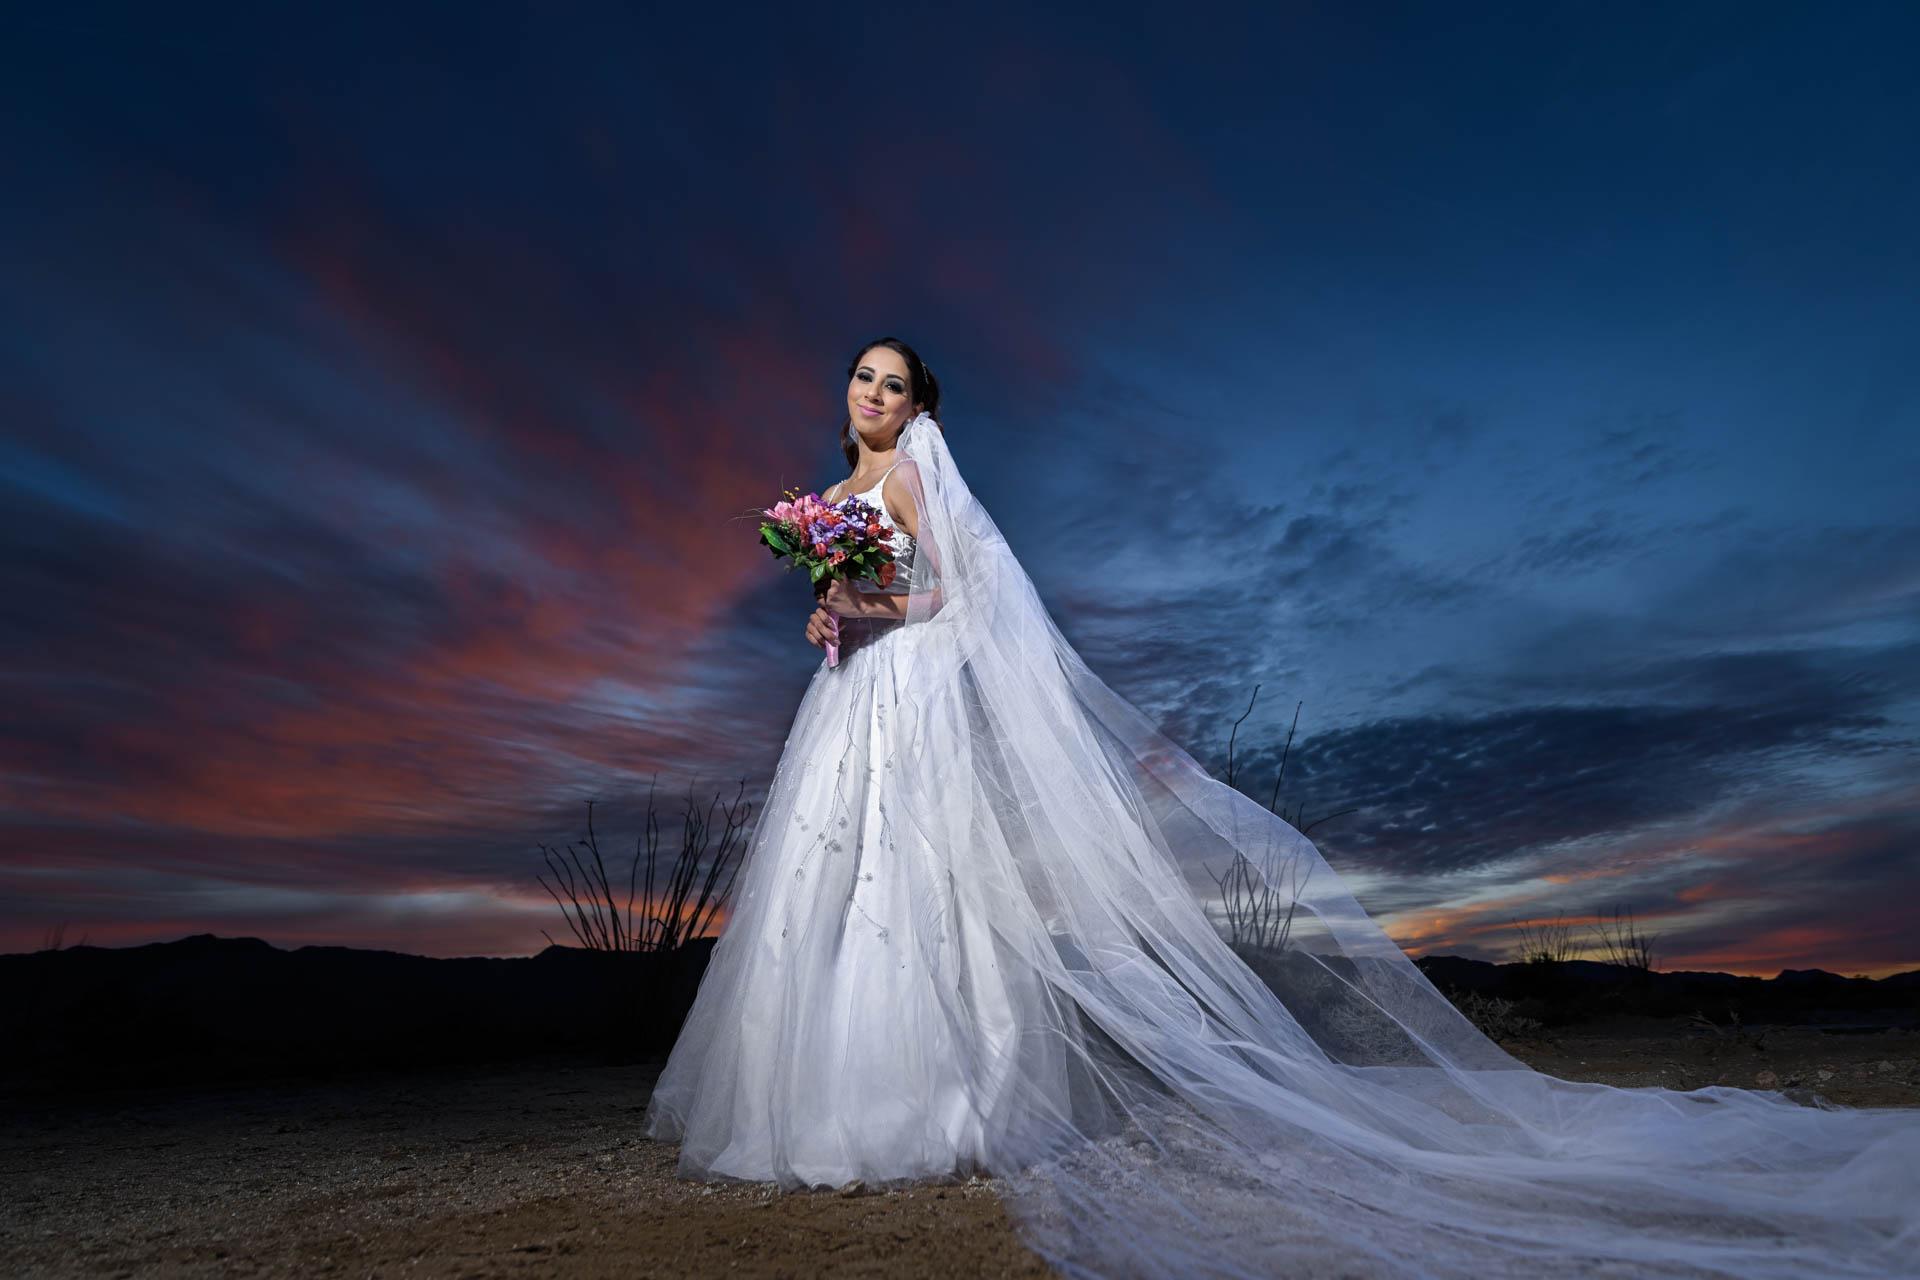 Fotografia de Boda - foto de la novia en el desierto